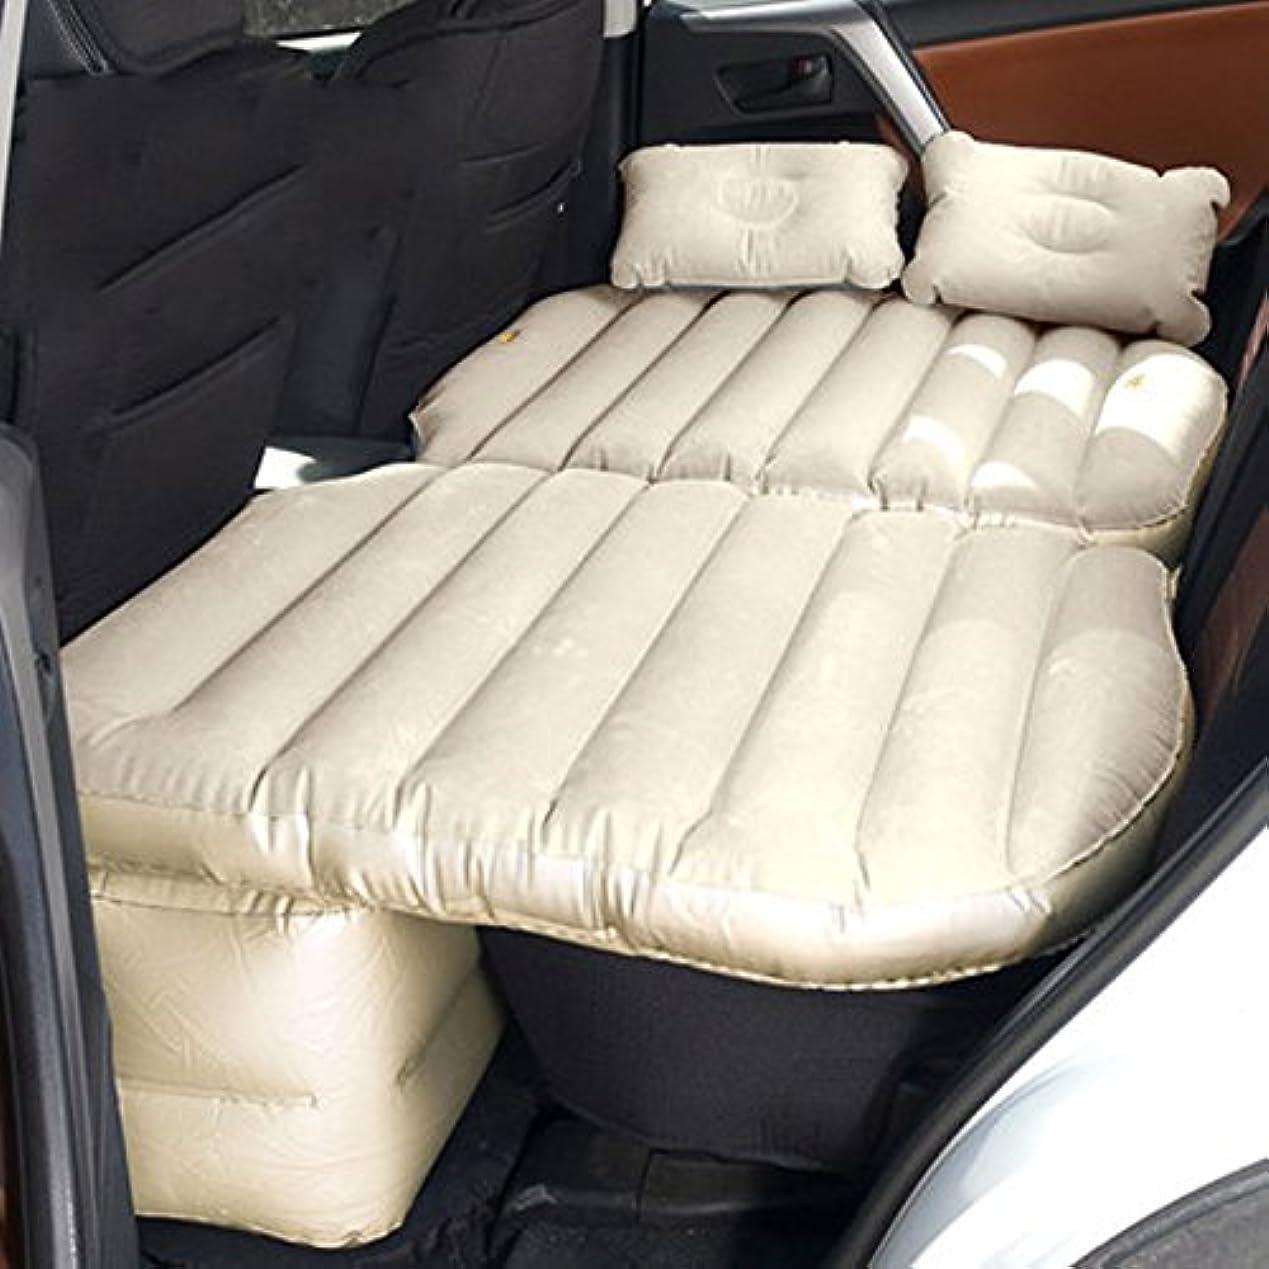 契約した細分化するエトナ山エアベッドカーインフレータブルベッド車のリア子供の旅行ベッドのカーベッドの車SUVの睡眠パッド アウトドアレジャー用品 (Color : Beige)